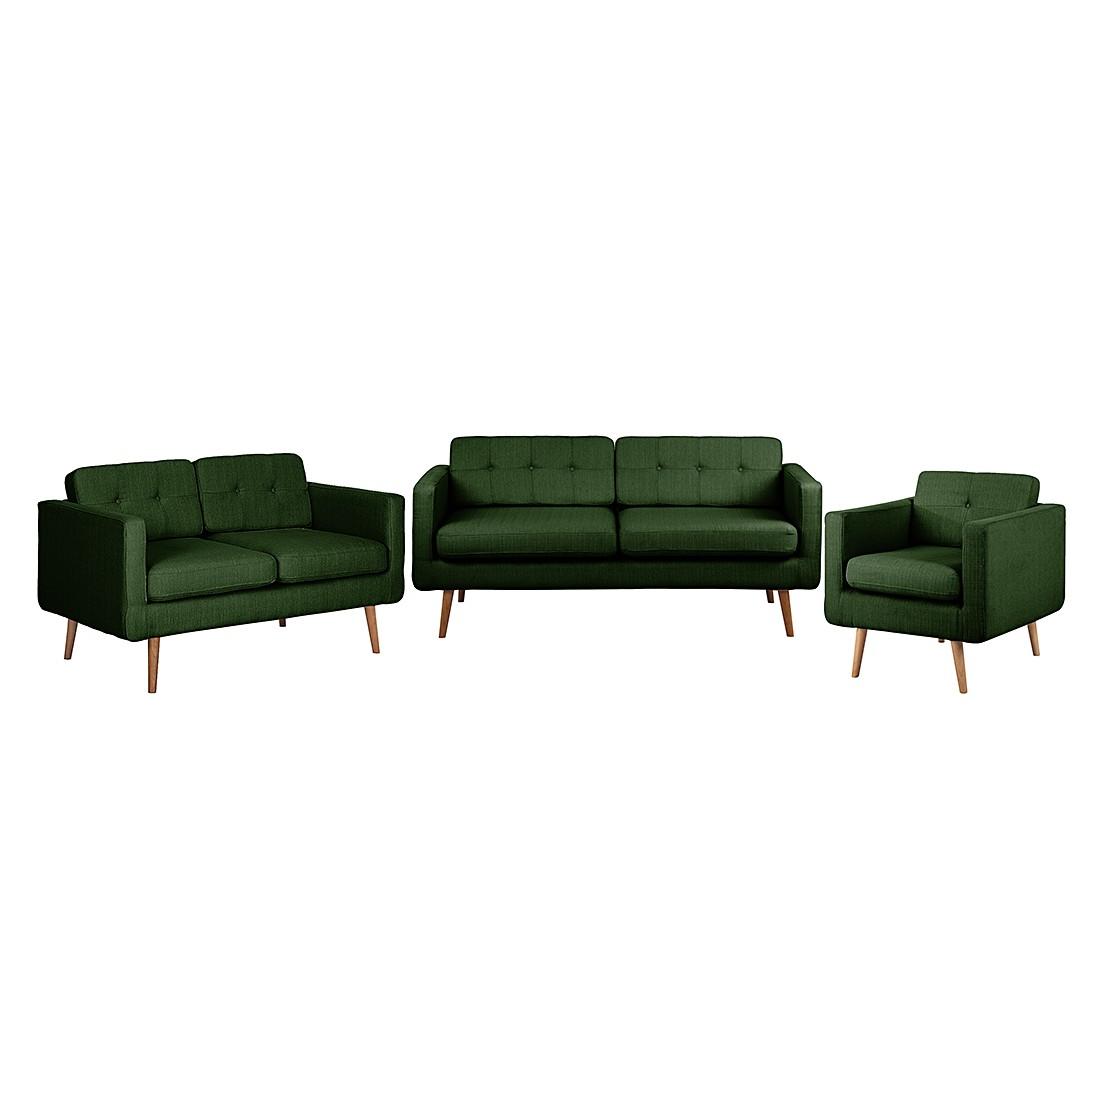 goedkoop Bankstellen Croom I 3zitsbank 2zitsbank en fauteuil geweven stof Groen Morteens